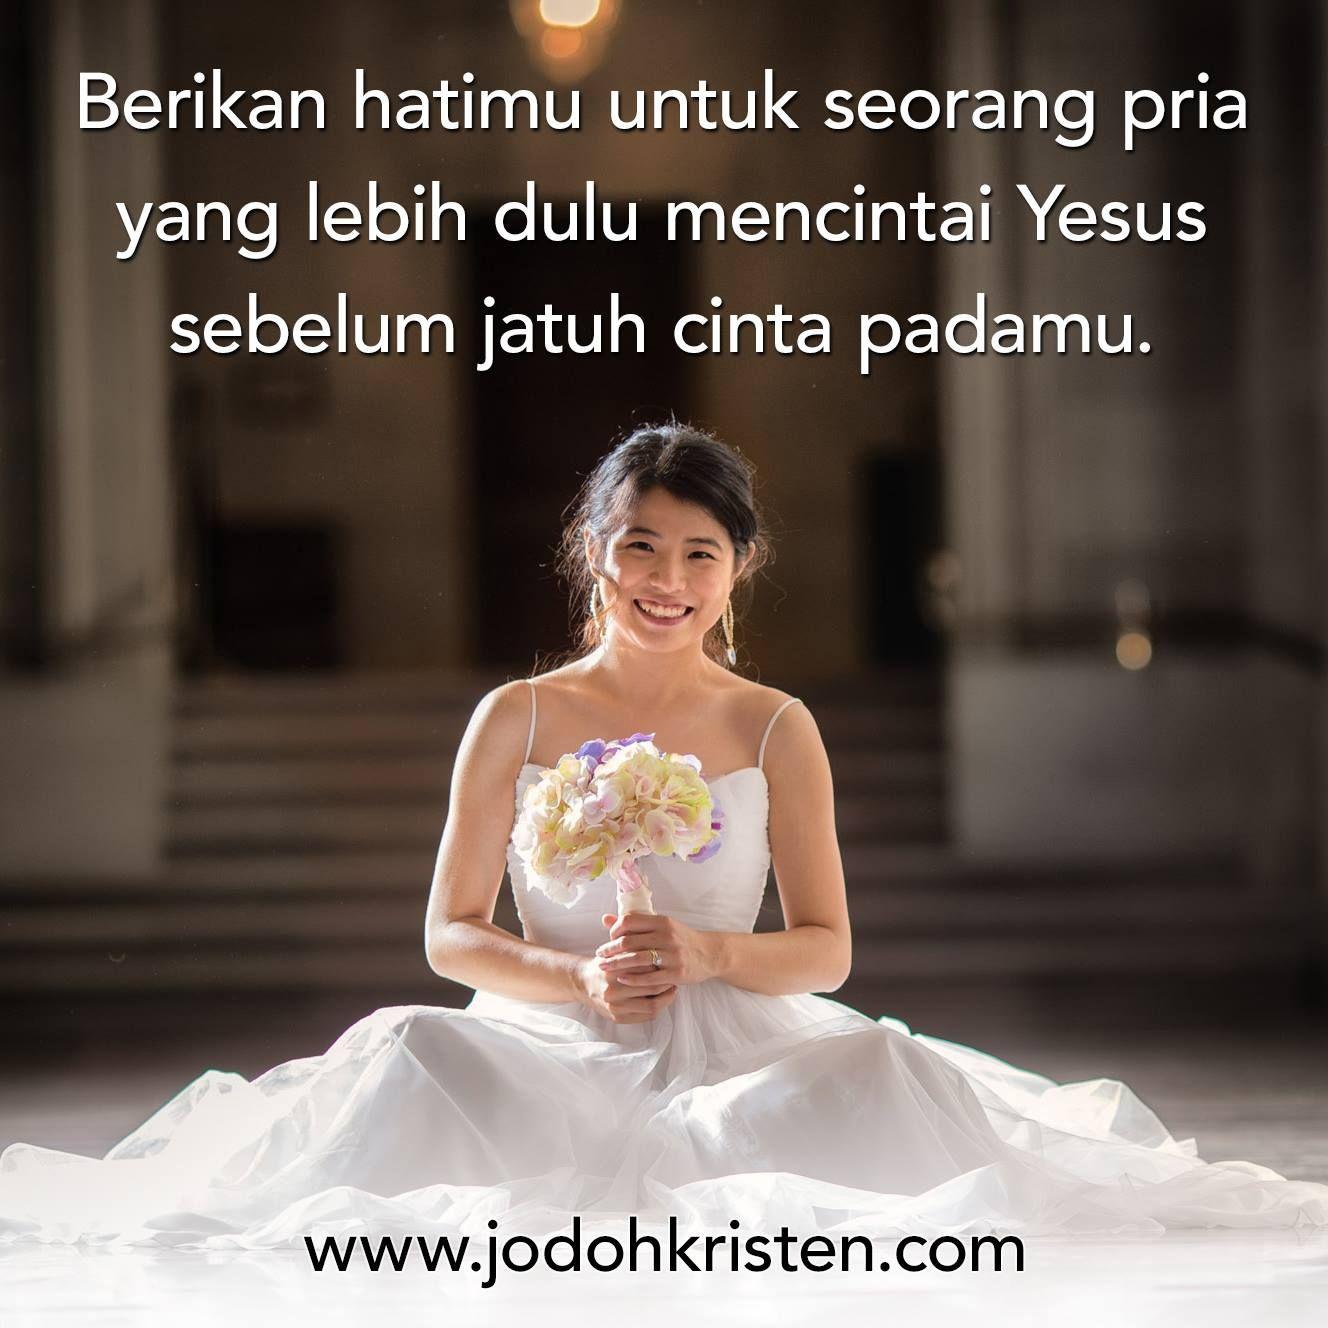 Cinta Jodohkristen Pasanganhidup Pasangansepadan Pernikahankristen Quotekristen Pernikahan Kristen Kencan Kristen